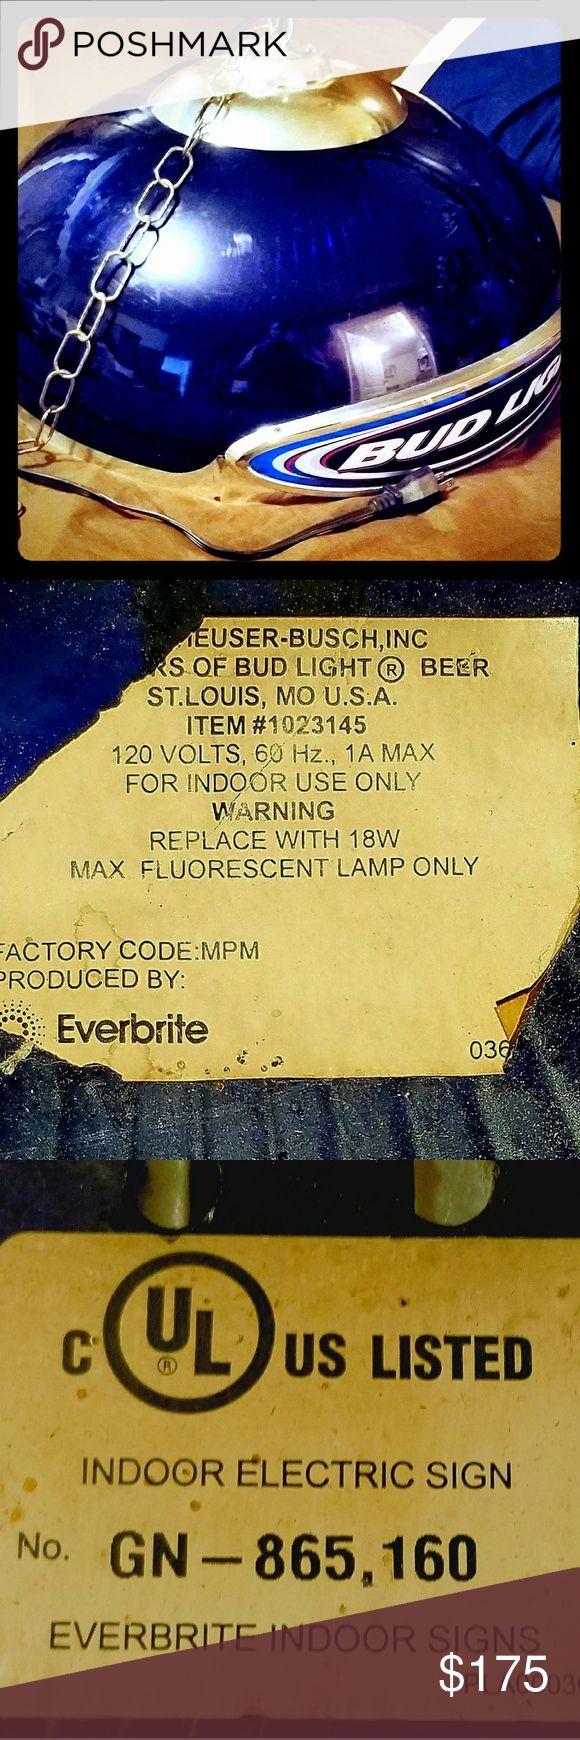 Vintage Bud Lite Indoor Light Produced By EverBrite Anheuser-Busch Inc. ITEM #1023145. 1A Max 120V. EverBrite No. GN-875,160 Bud Lite Other